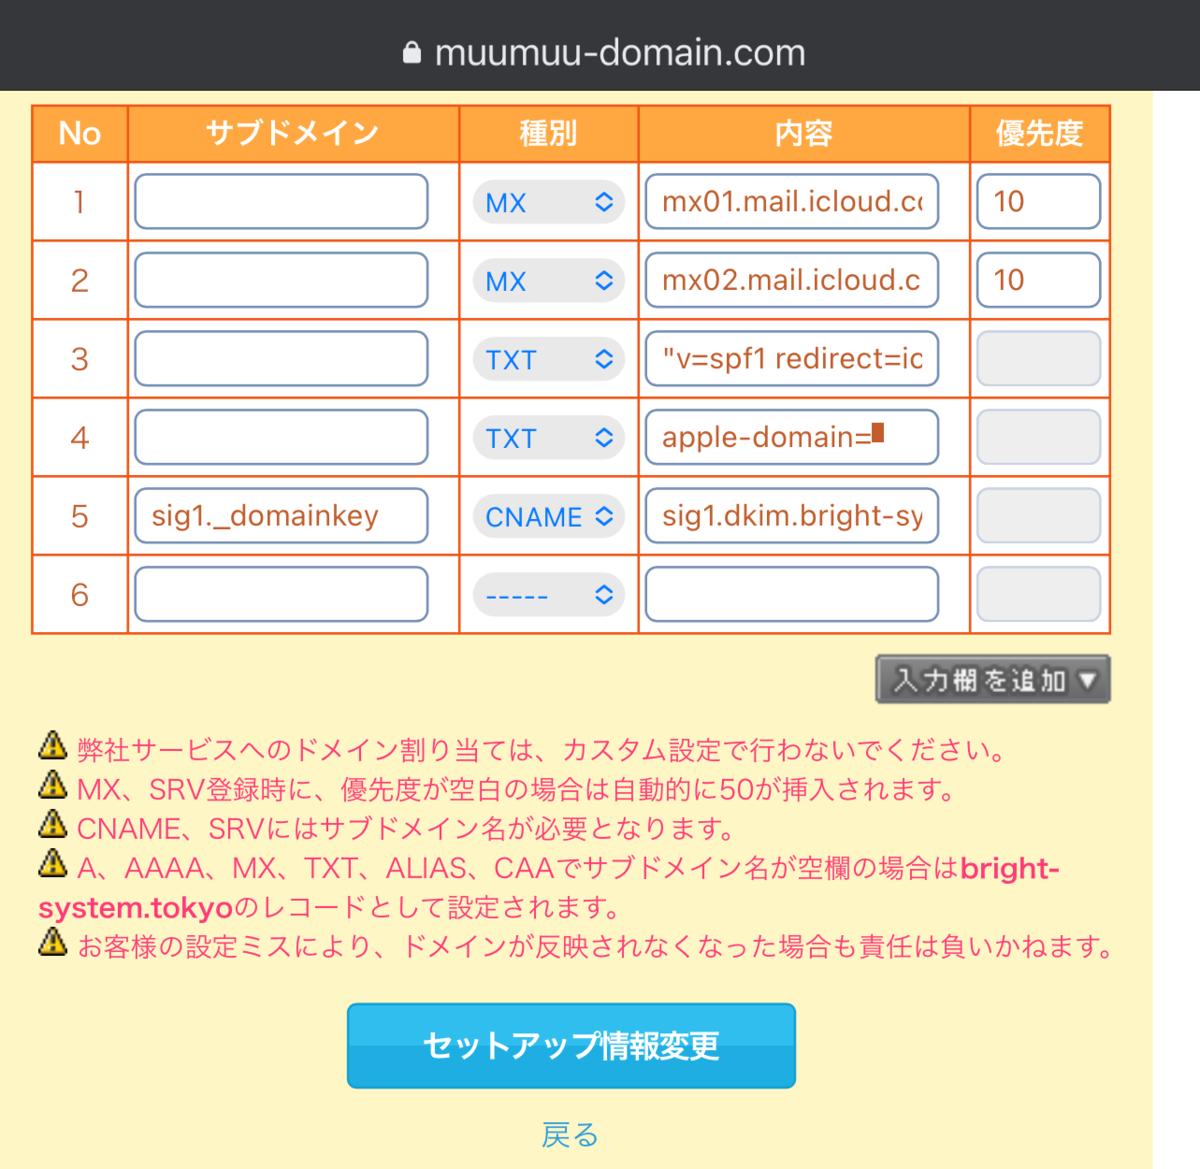 f:id:hideaki_kawahara:20210924053744p:plain:w320